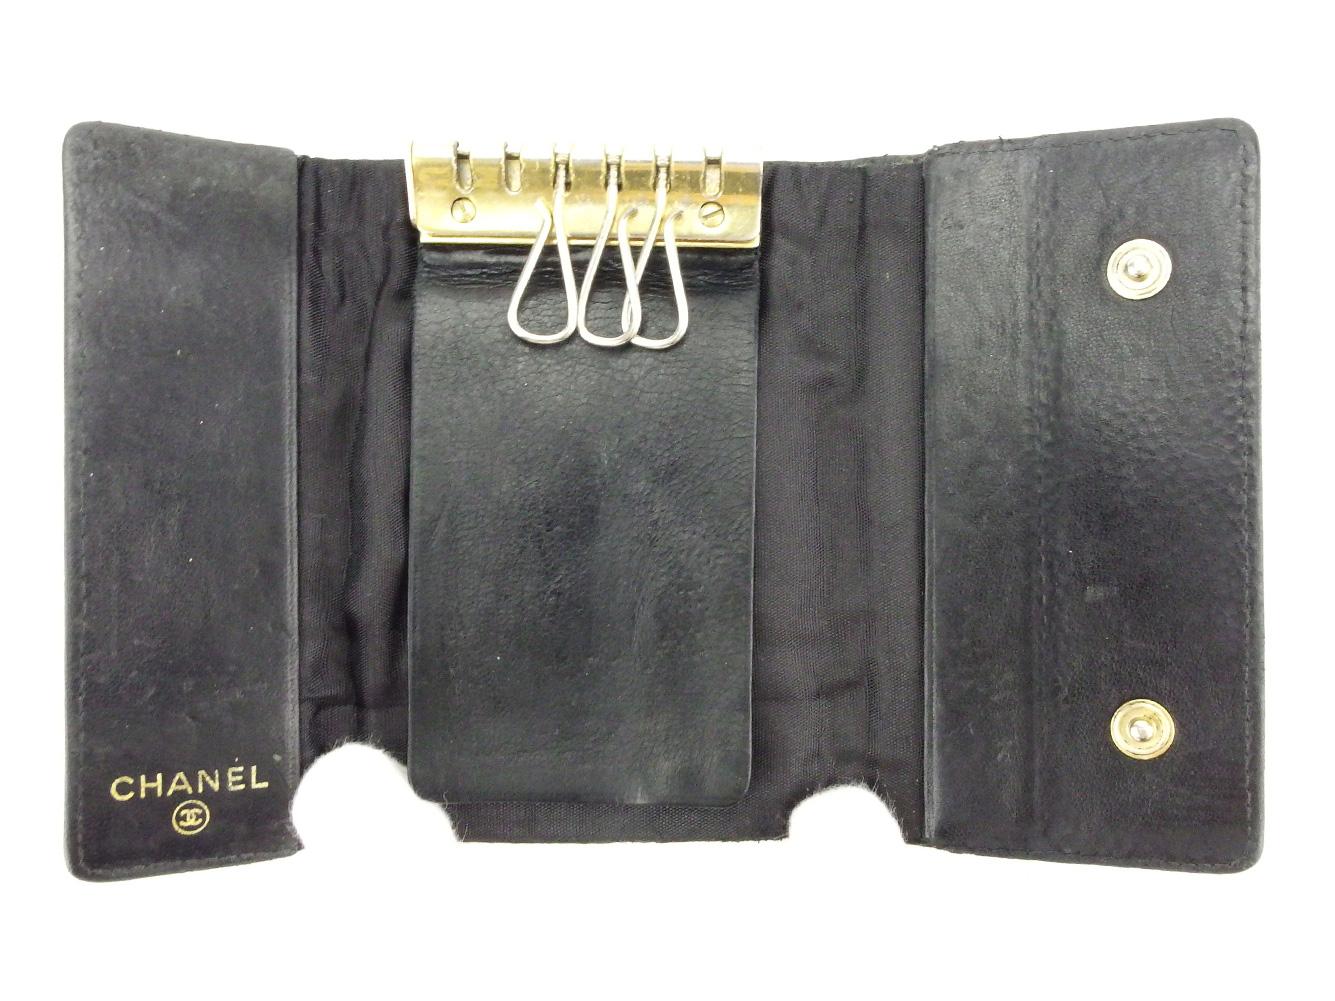 5ccc37690eac シャネル CHANEL キーケース ブランド財布 6連キーケース グッチ バッグ ...